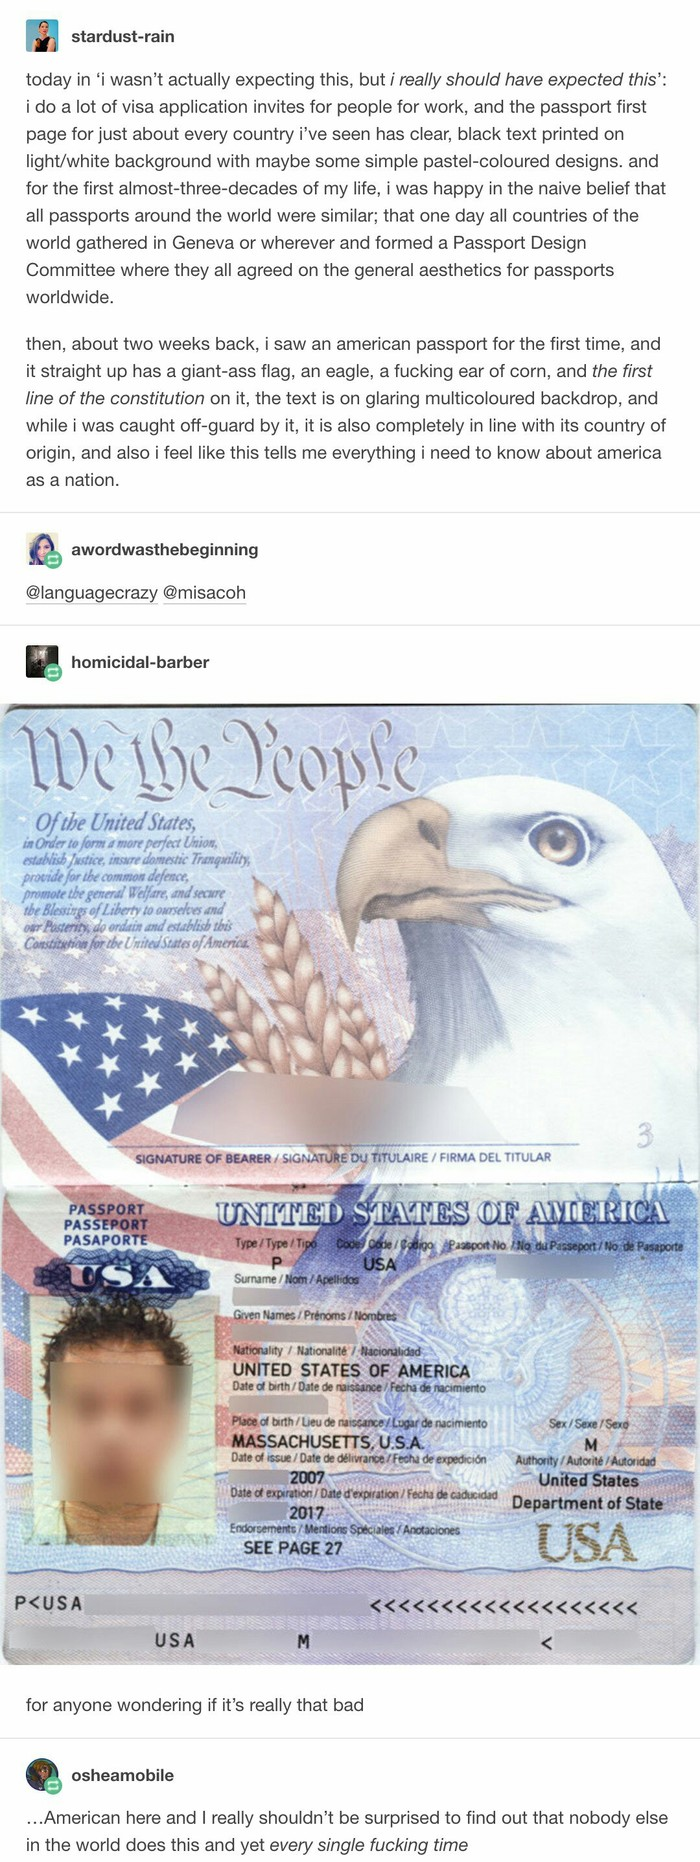 Американский паспорт Перевод, Reddit, Паспорт, Длиннопост